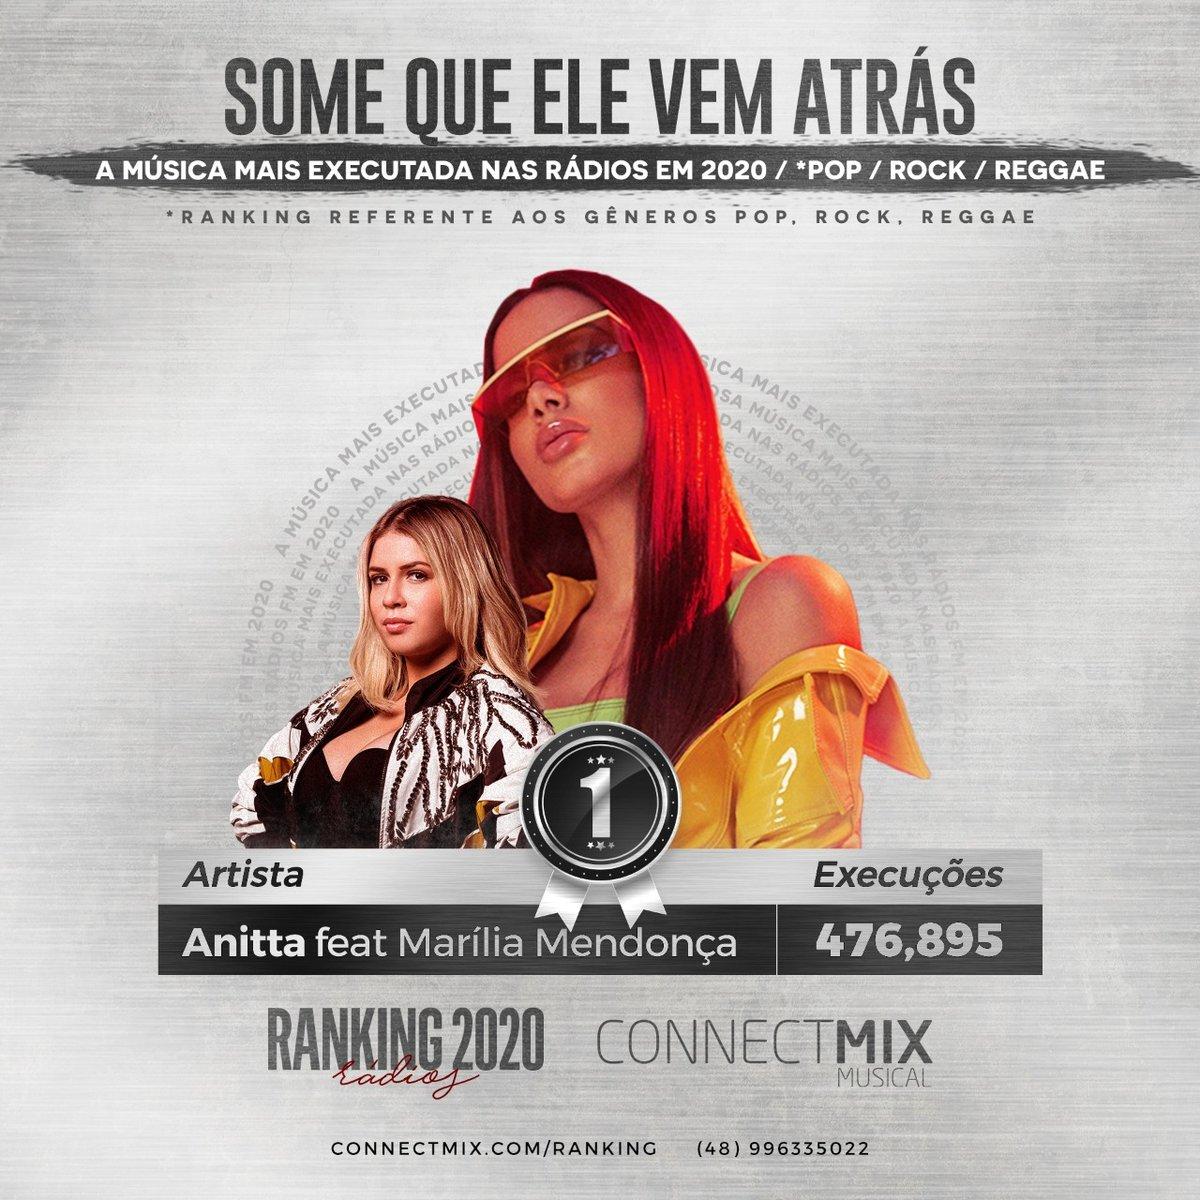 Anitta e Marília Mendonça juntas tem a música mais tocada no gênero pop/rock/reggae em 2020!🎼  #somequeelevematras tem um ritmo contagiante que mistura o pop de Anitta com o sertanejo de Marília.  #connectmix #pop #anitta #mariliamendonca #radios #maistocada